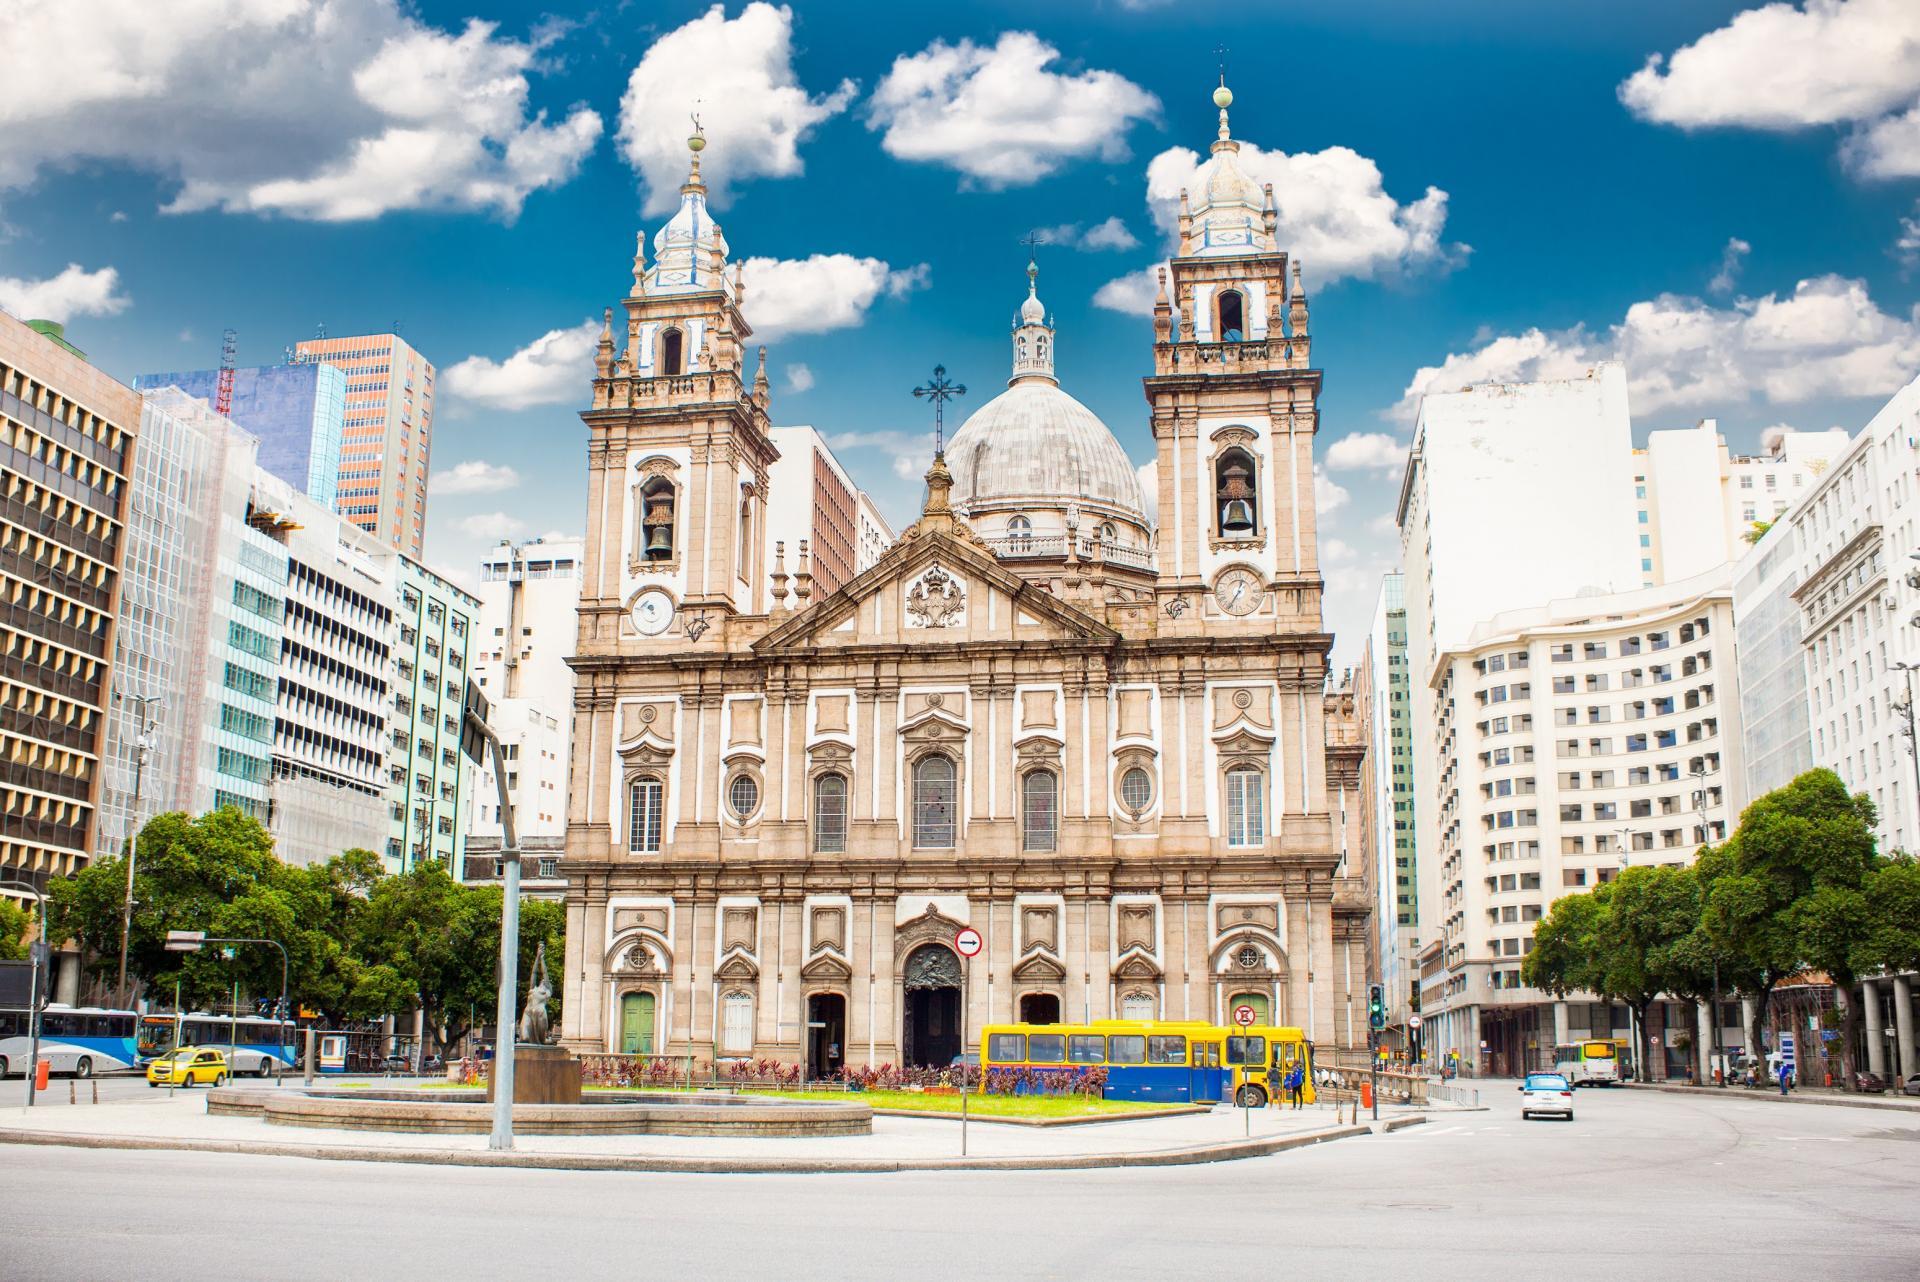 Prachtvolle Kirche im kulturellen Zentrum von Rio de Janeiro